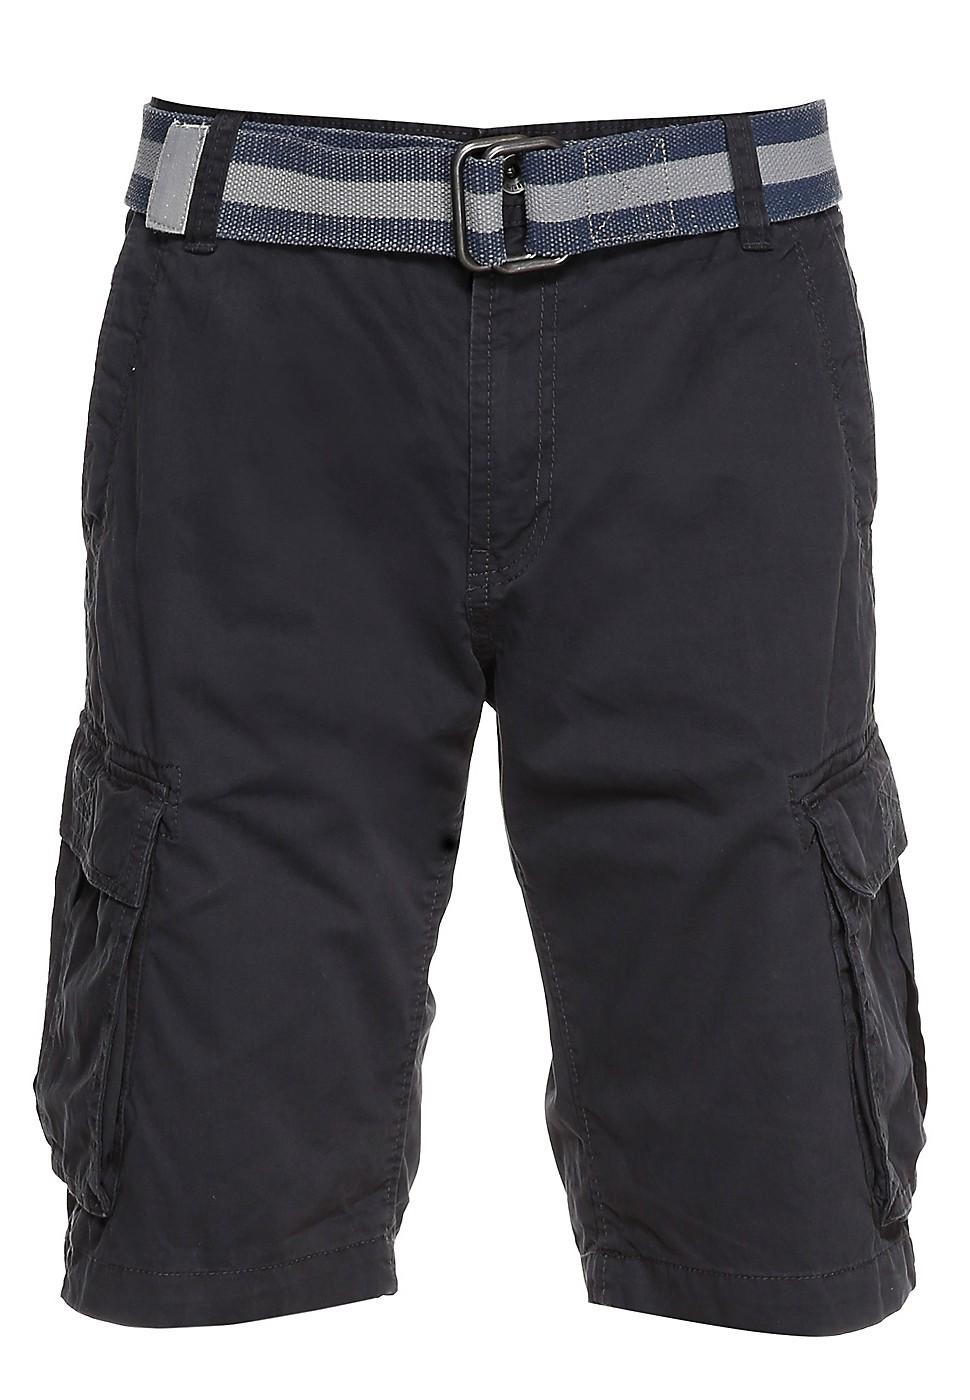 qs by s oliver shorts herren shorts. Black Bedroom Furniture Sets. Home Design Ideas